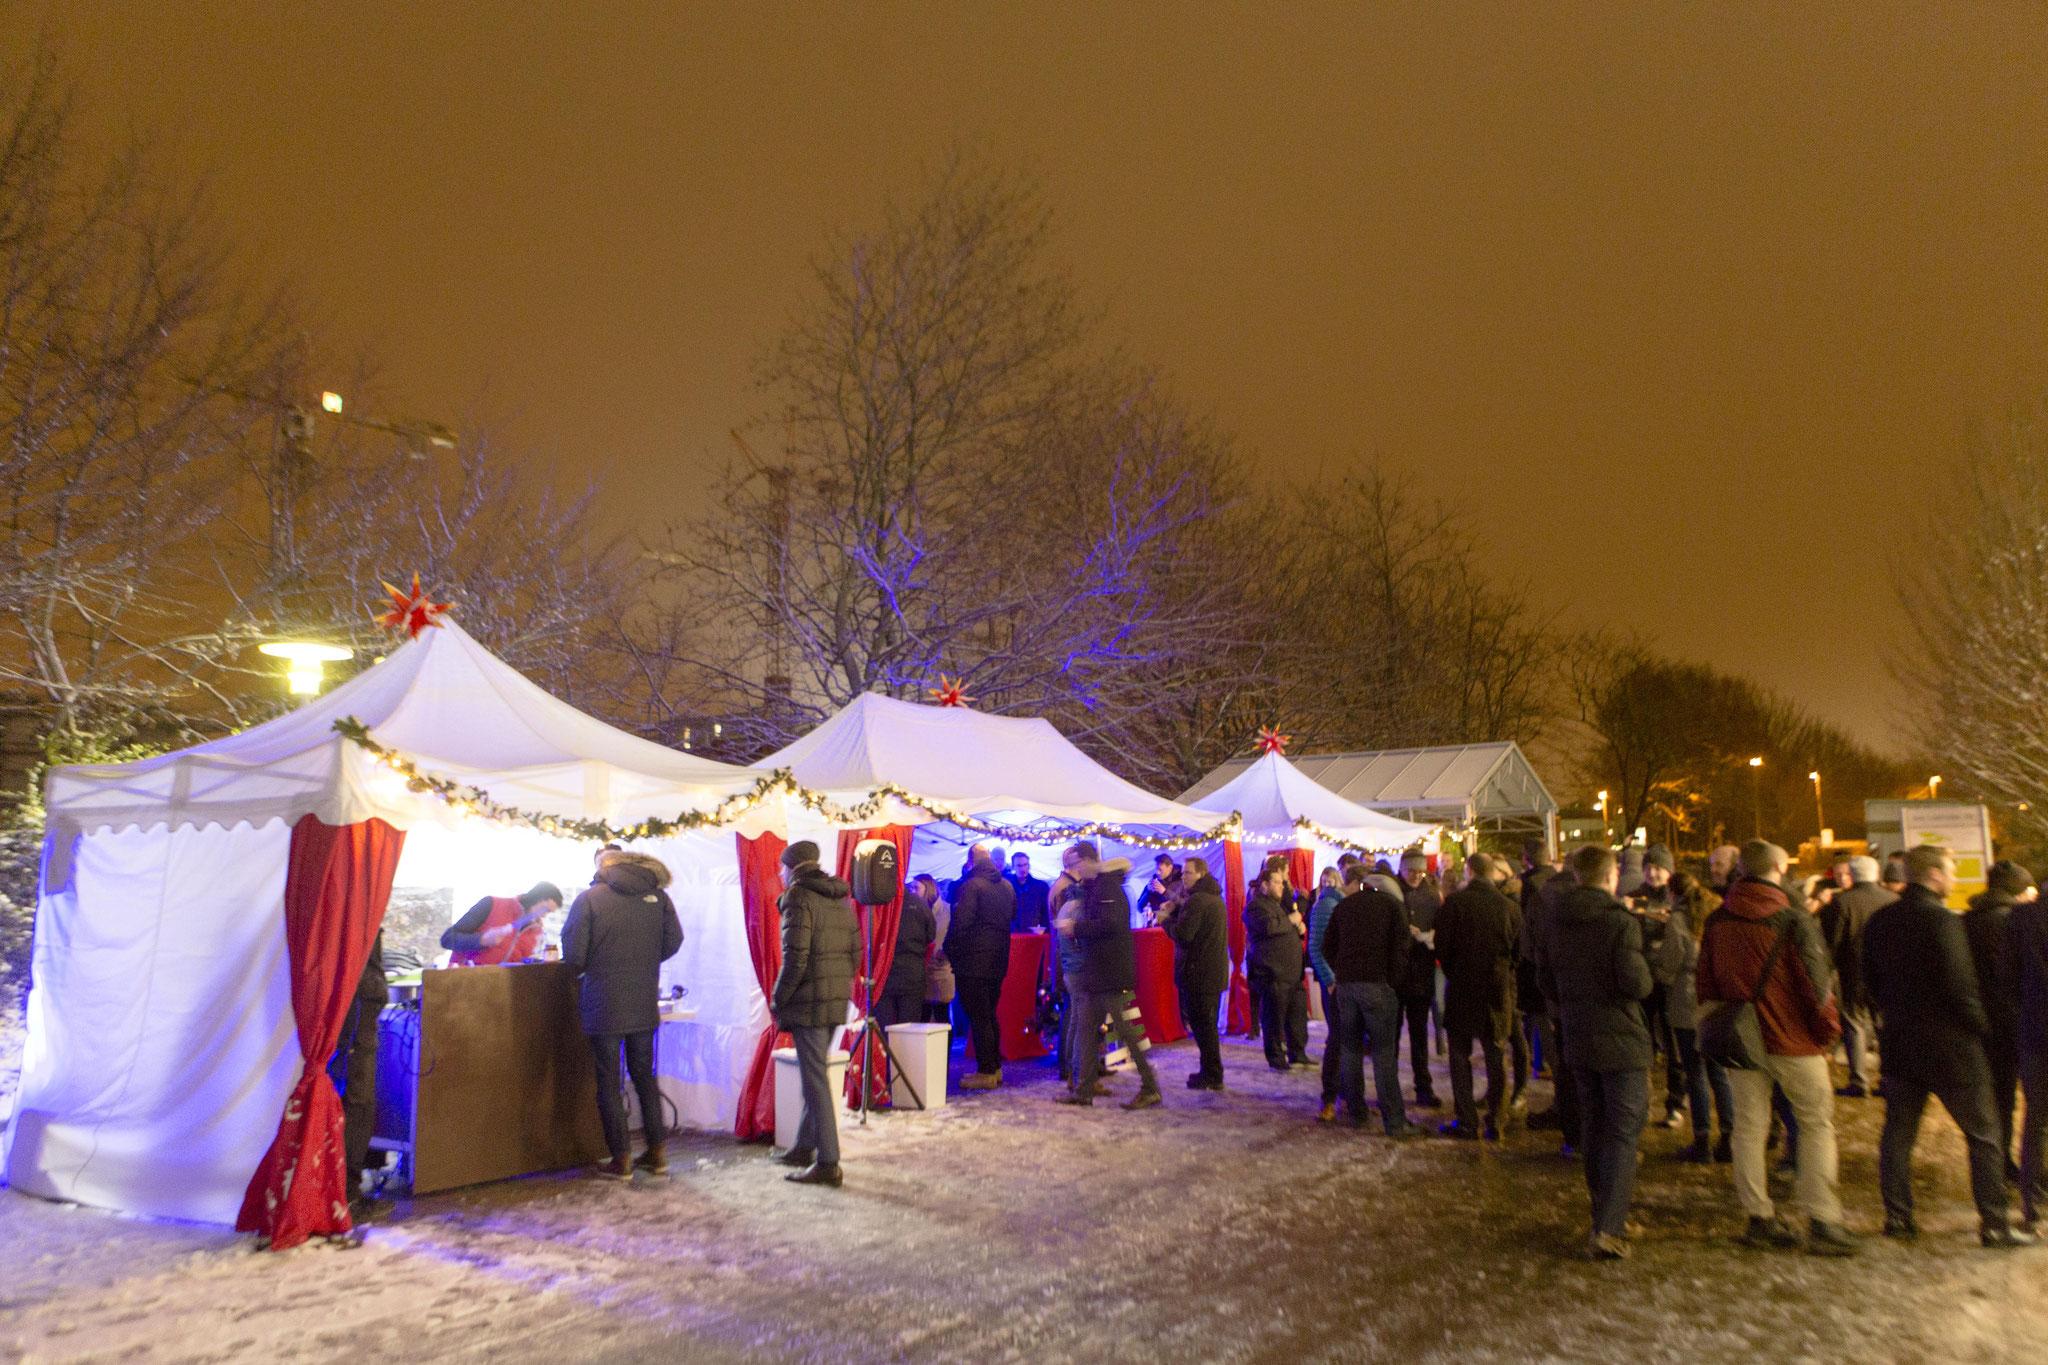 <h2>gemütliche Stimmung auf dem eigenen Weihnachtsmarkt</h2> mit stylischen Pagoden in Braunschweig